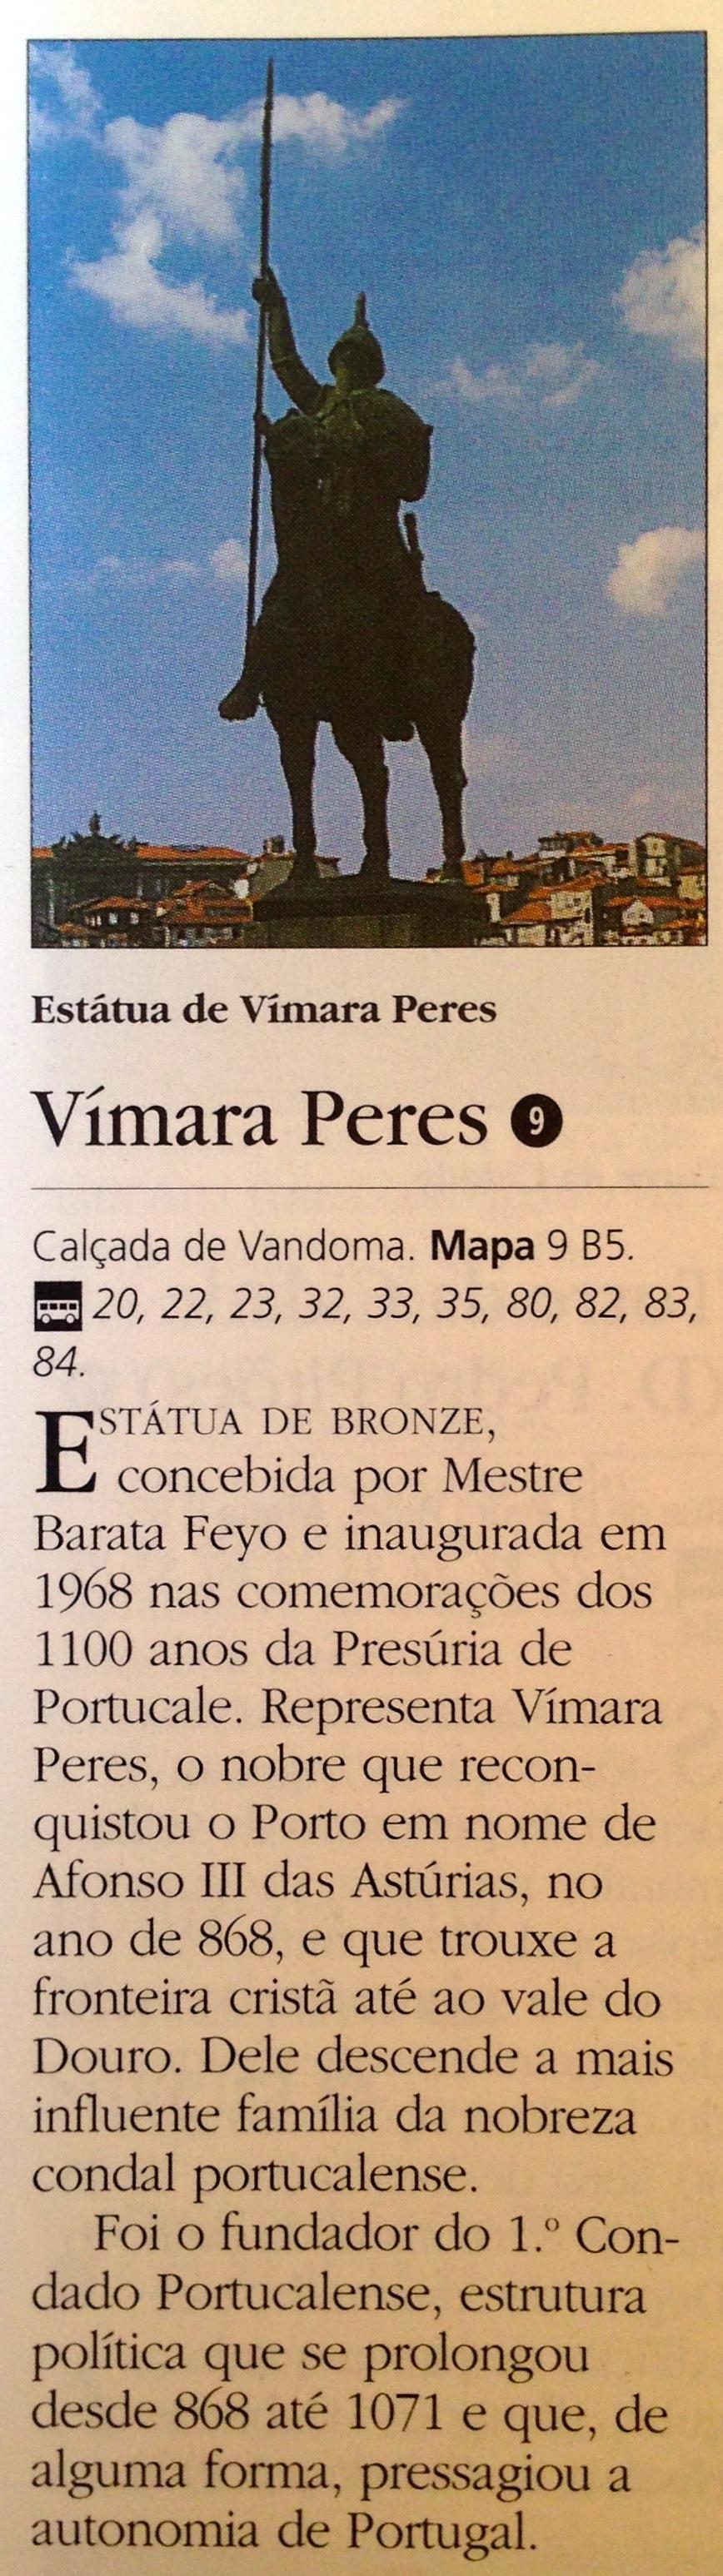 """Excerto do """"Guia American Express-Porto"""" referindo a estátua de Vímara Peres"""